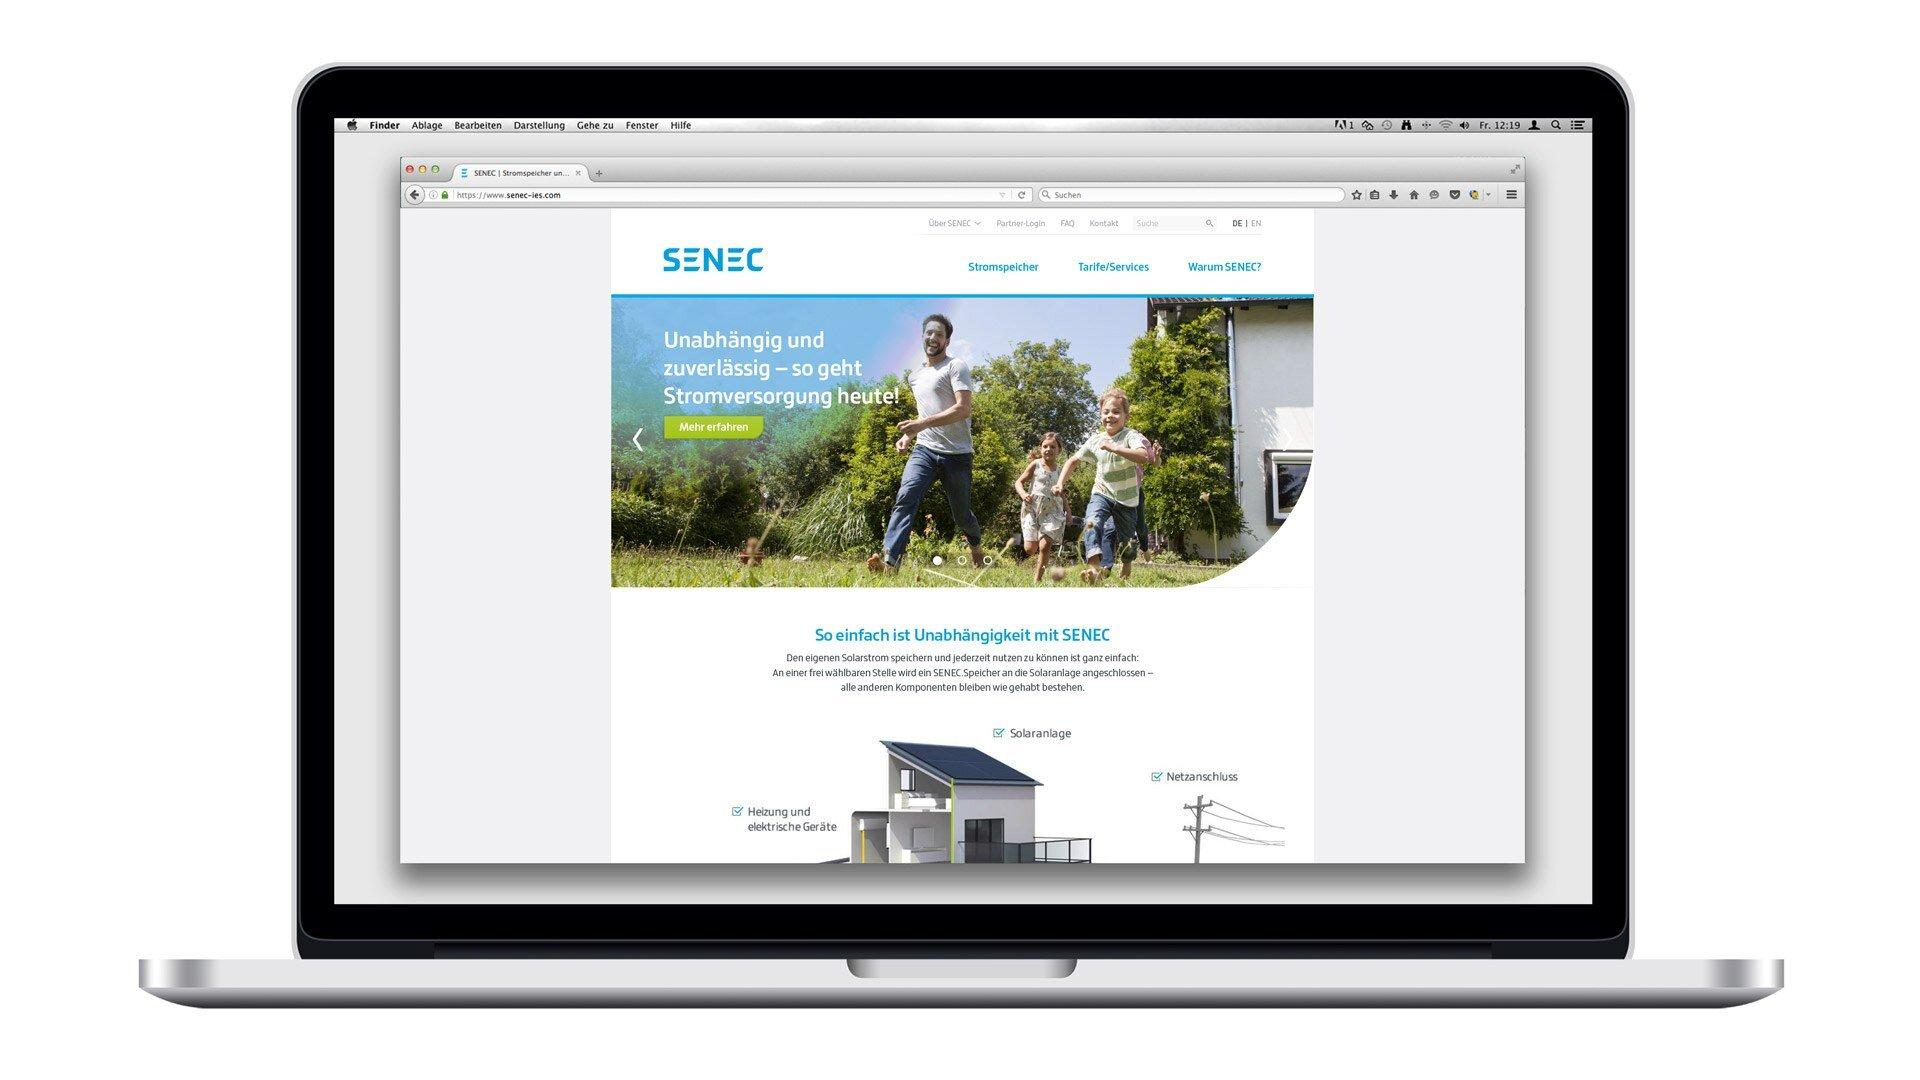 Positionierung und Markenauftritt durch Corporate Design und Webdesign